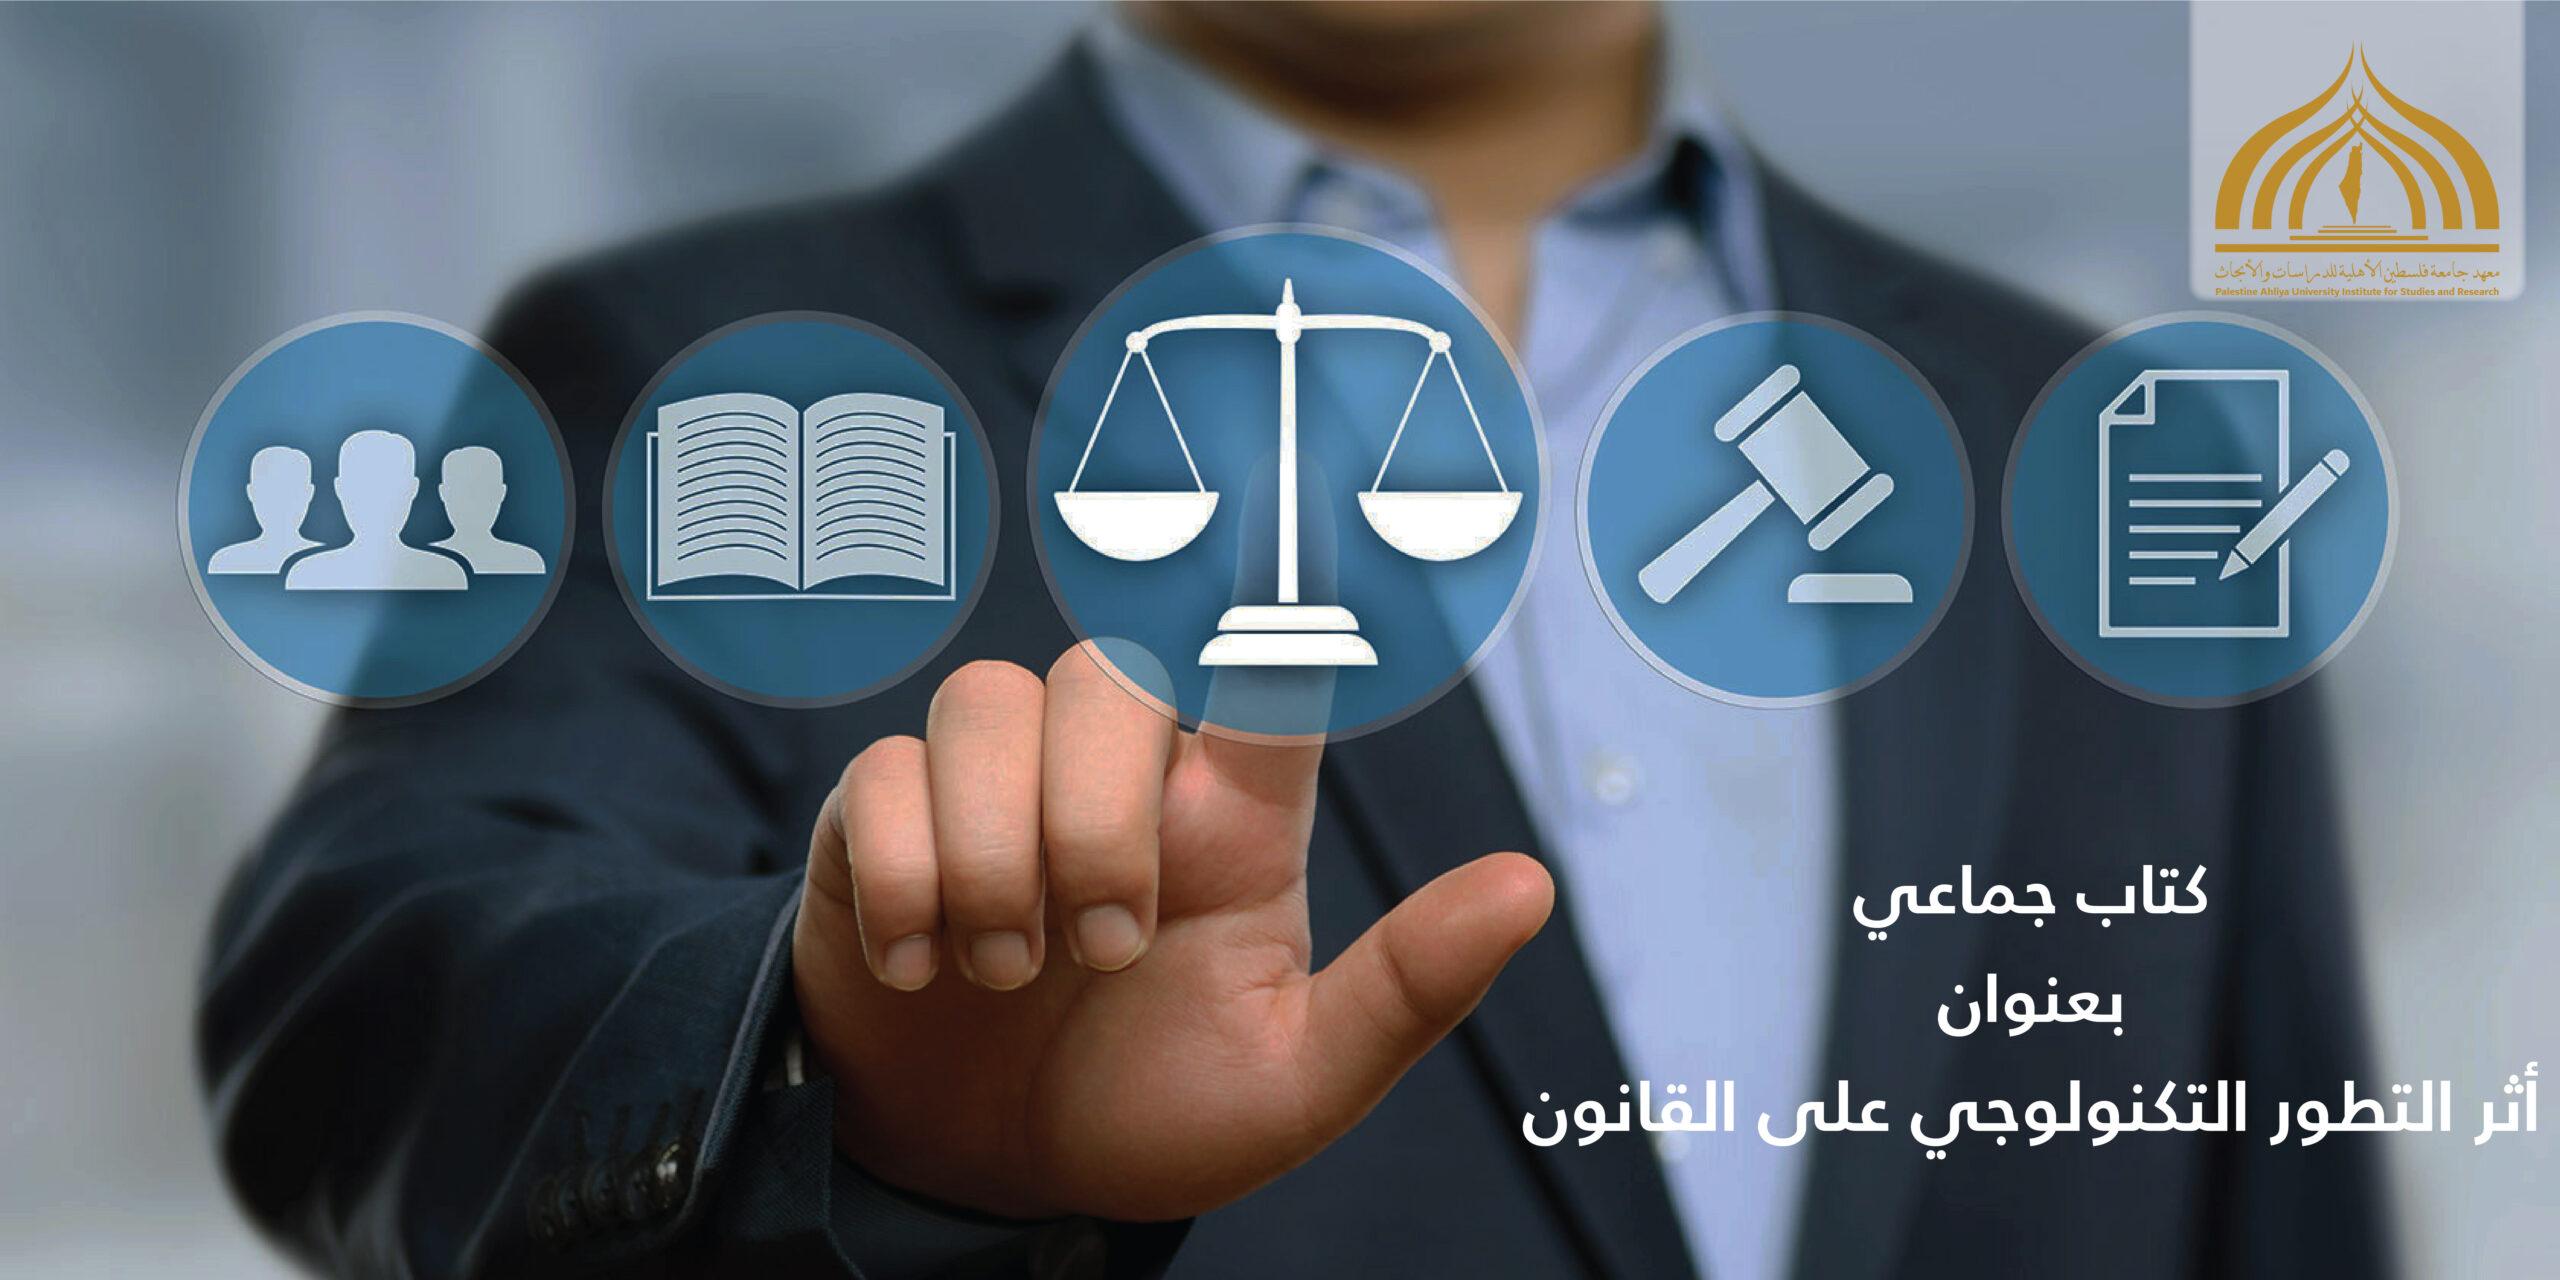 دعوة للمشاركة في كتاب جماعي بعنوان كتاب أثر التطور التكنولوجي على القانون